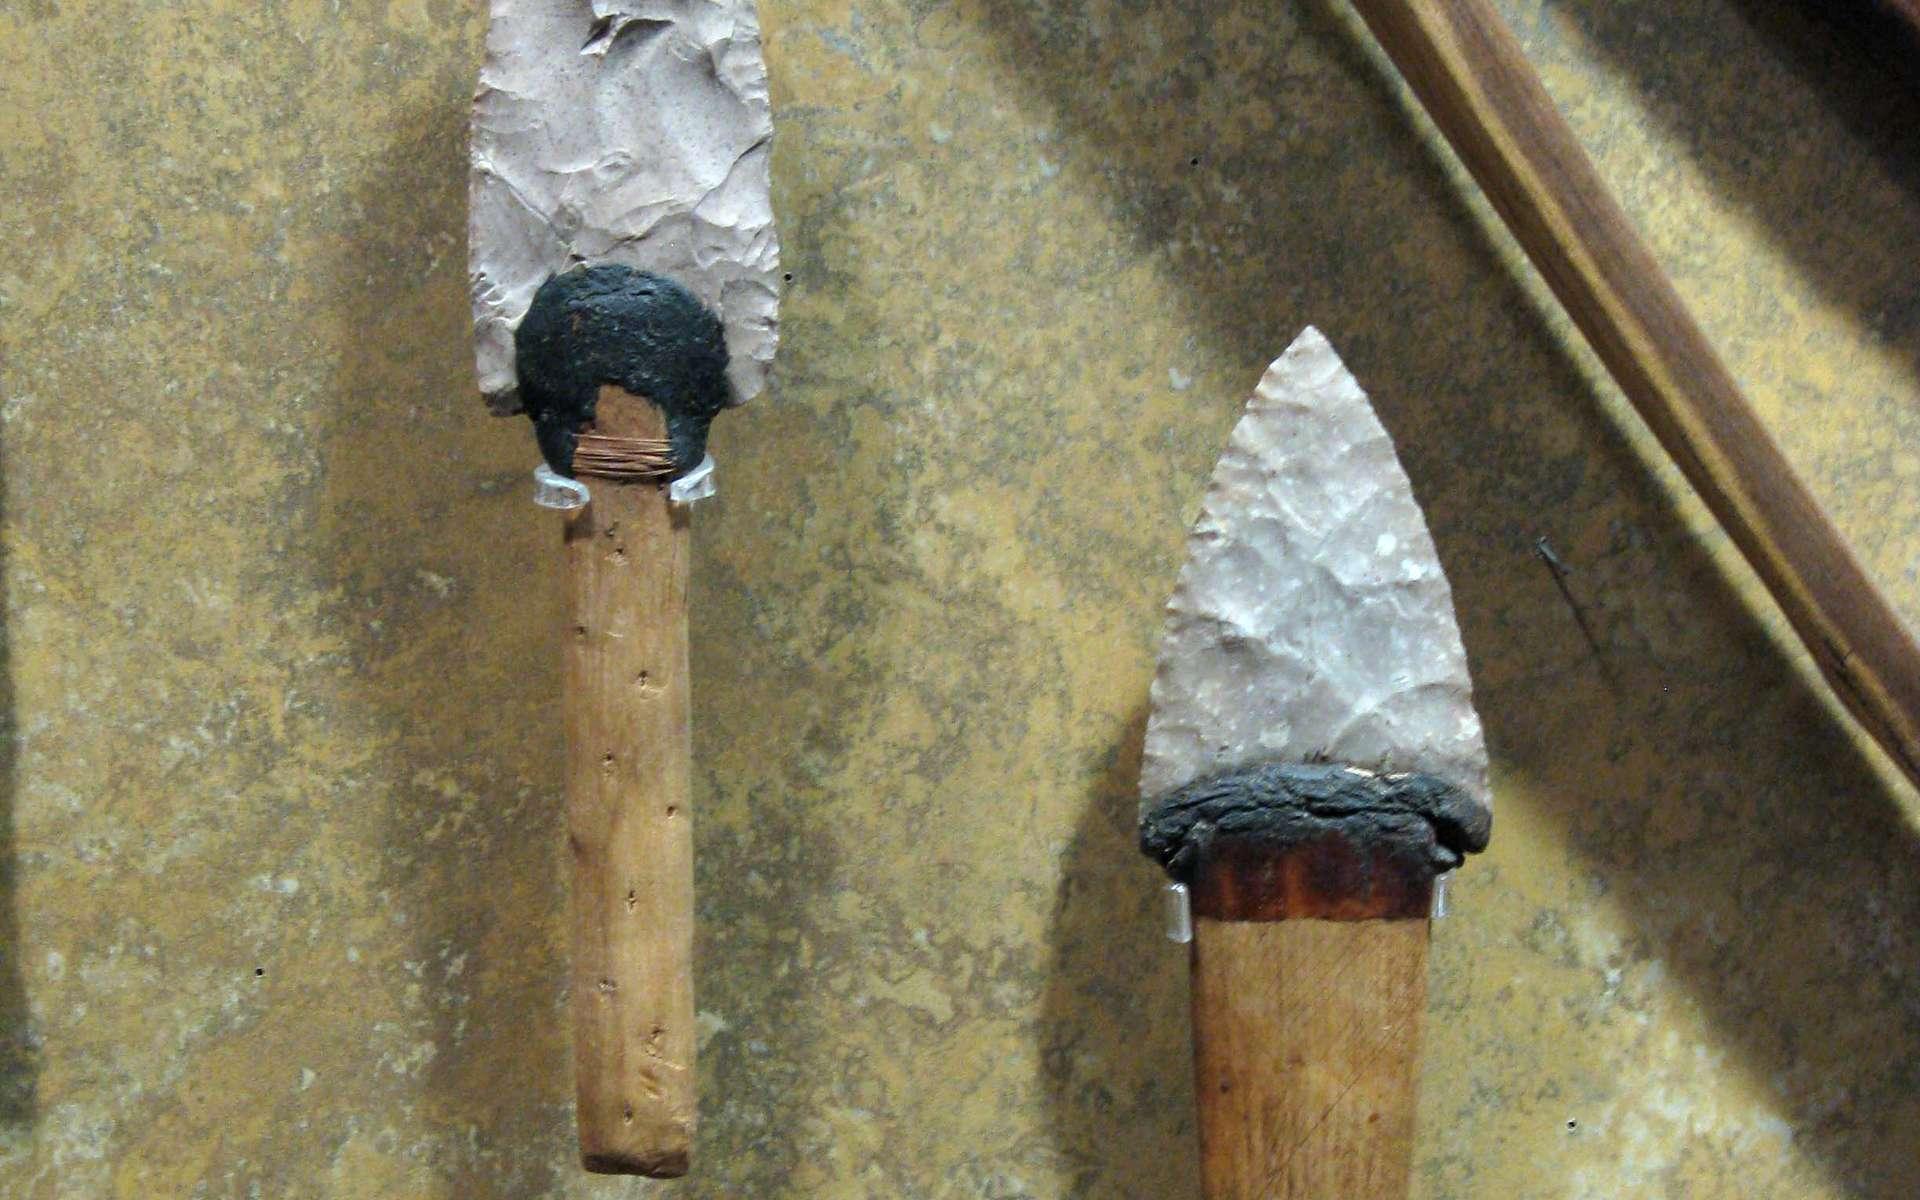 Le mastic est une pâte qui permet de faire adhérer des objets entre eux. Ici, il sert à relier la poignée du couteau à la lame. © Travis S., CC BY-NC 2.0, FlickR